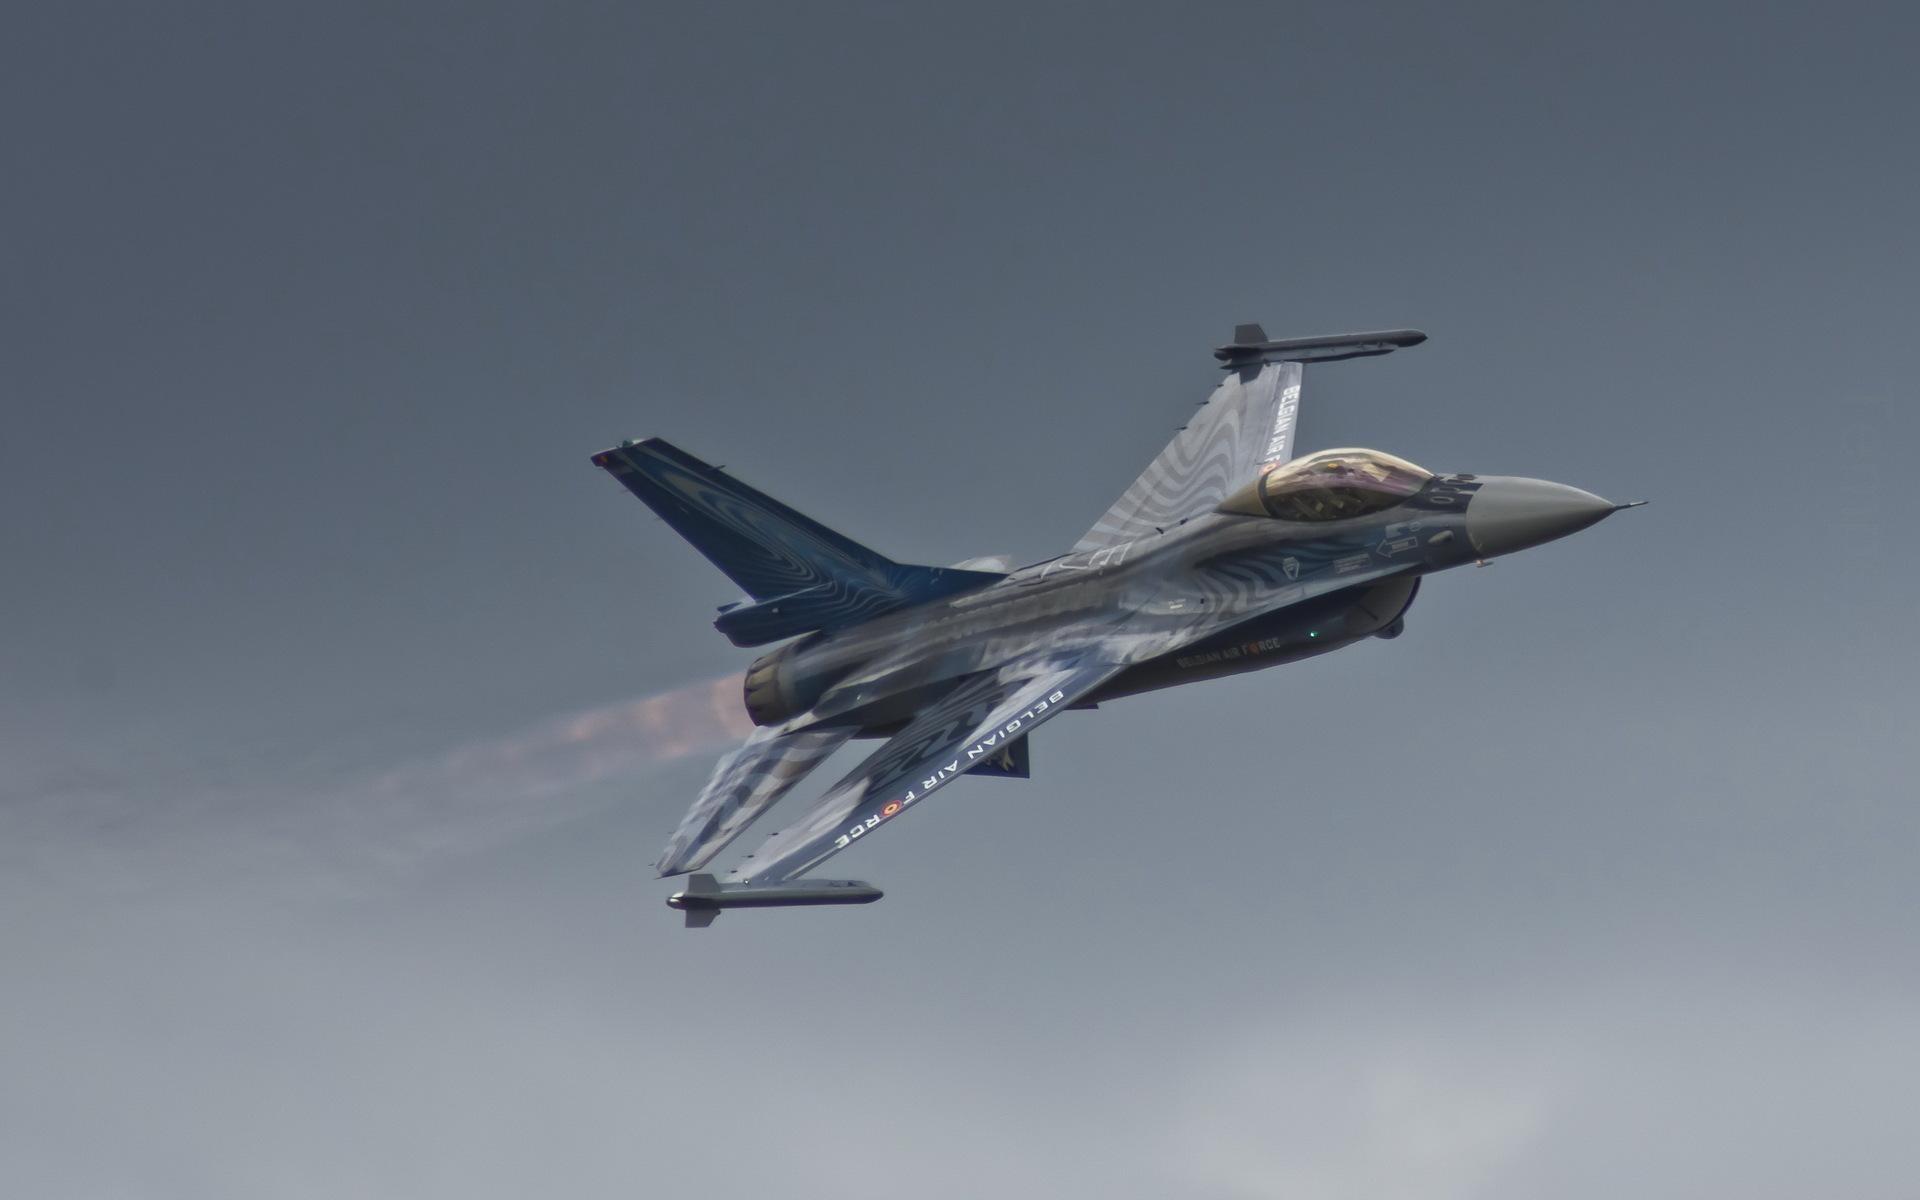 Belgian Air Force F-16 wallpaper thumb